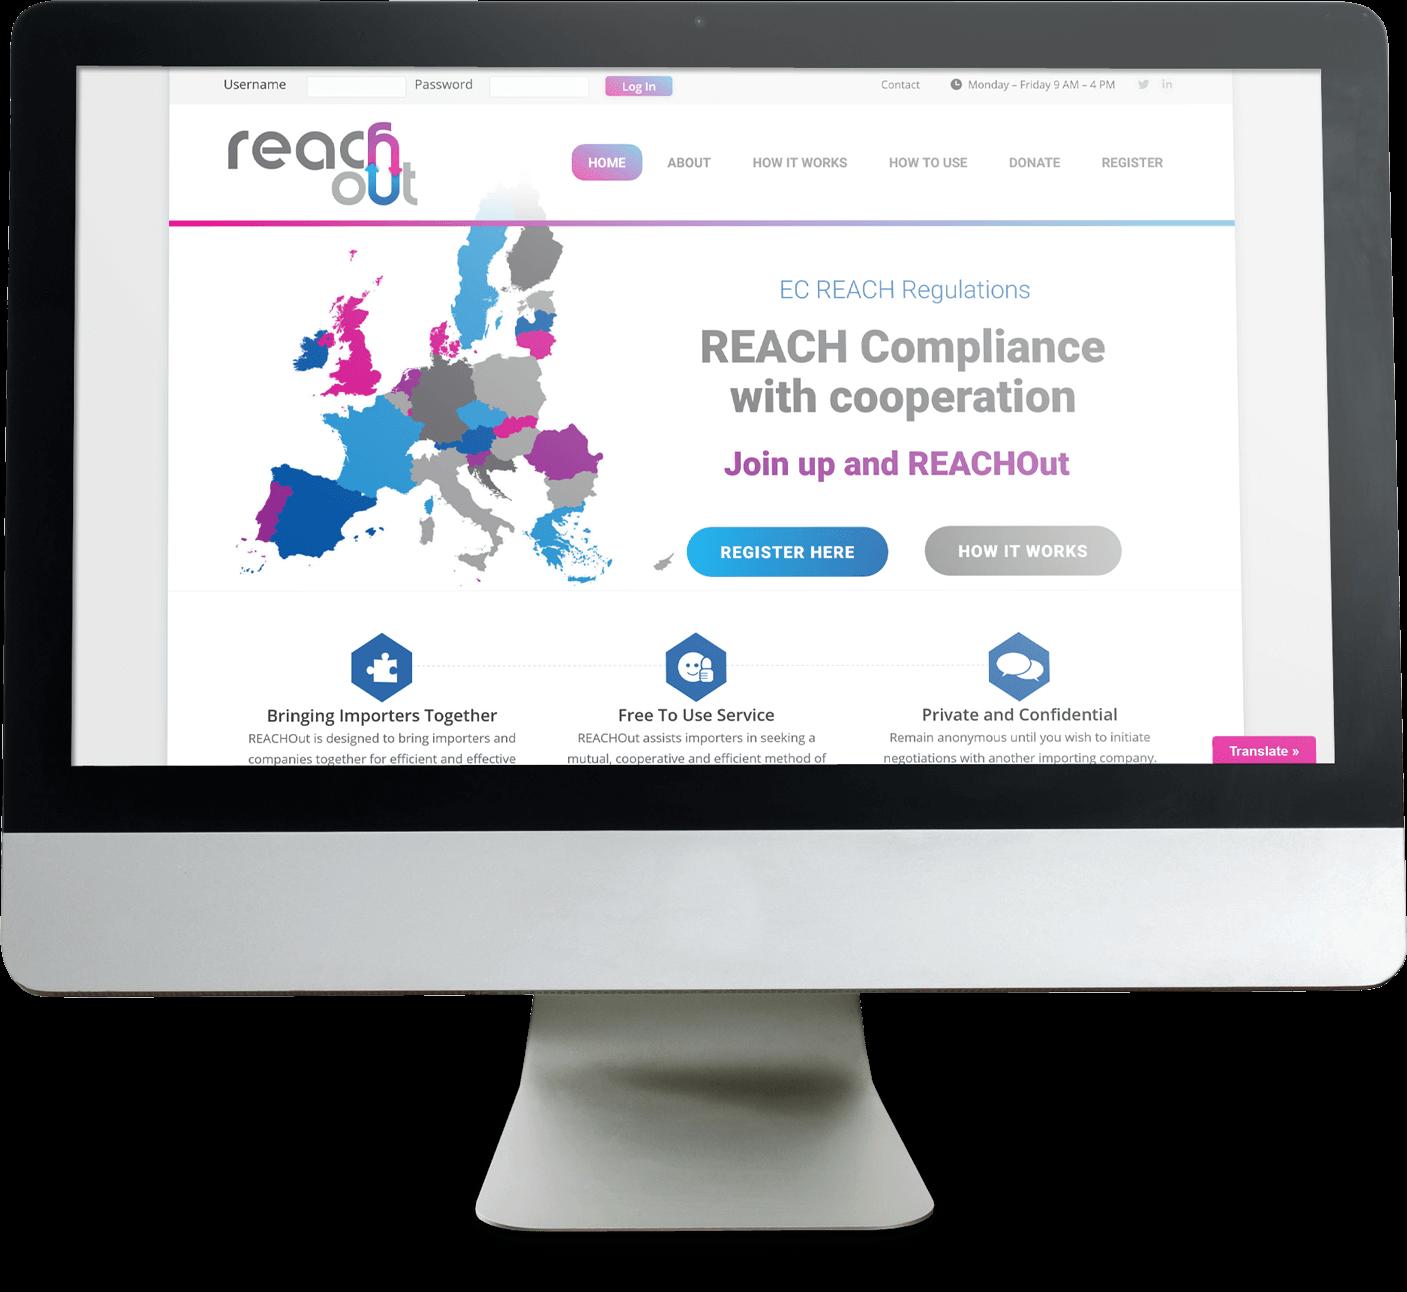 reachout website screenshot